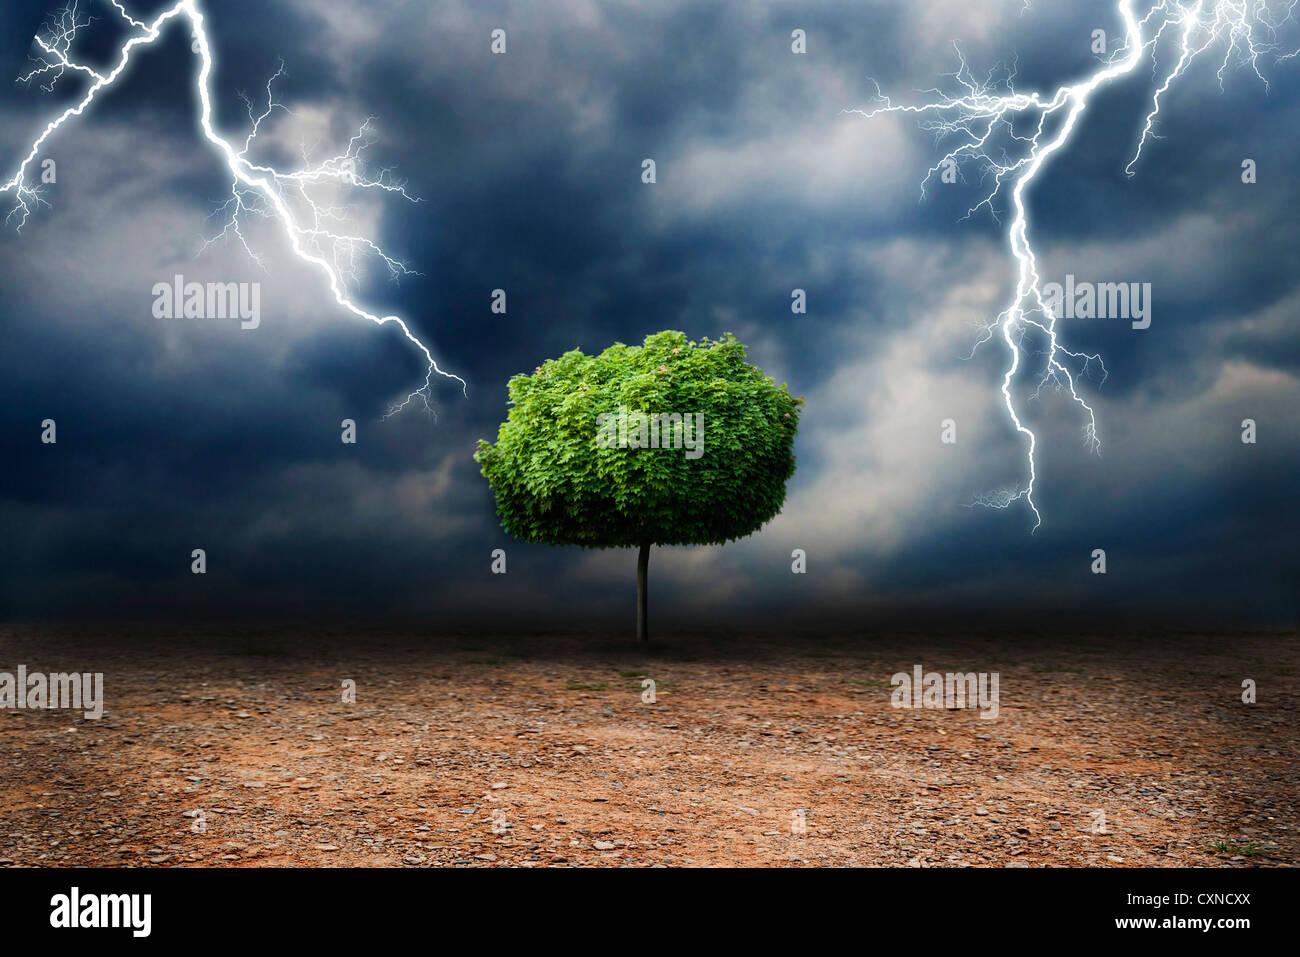 Lone Tree en tierra del desierto, bajo una tormenta, el calentamiento global y el cambio climático concepto Imagen De Stock